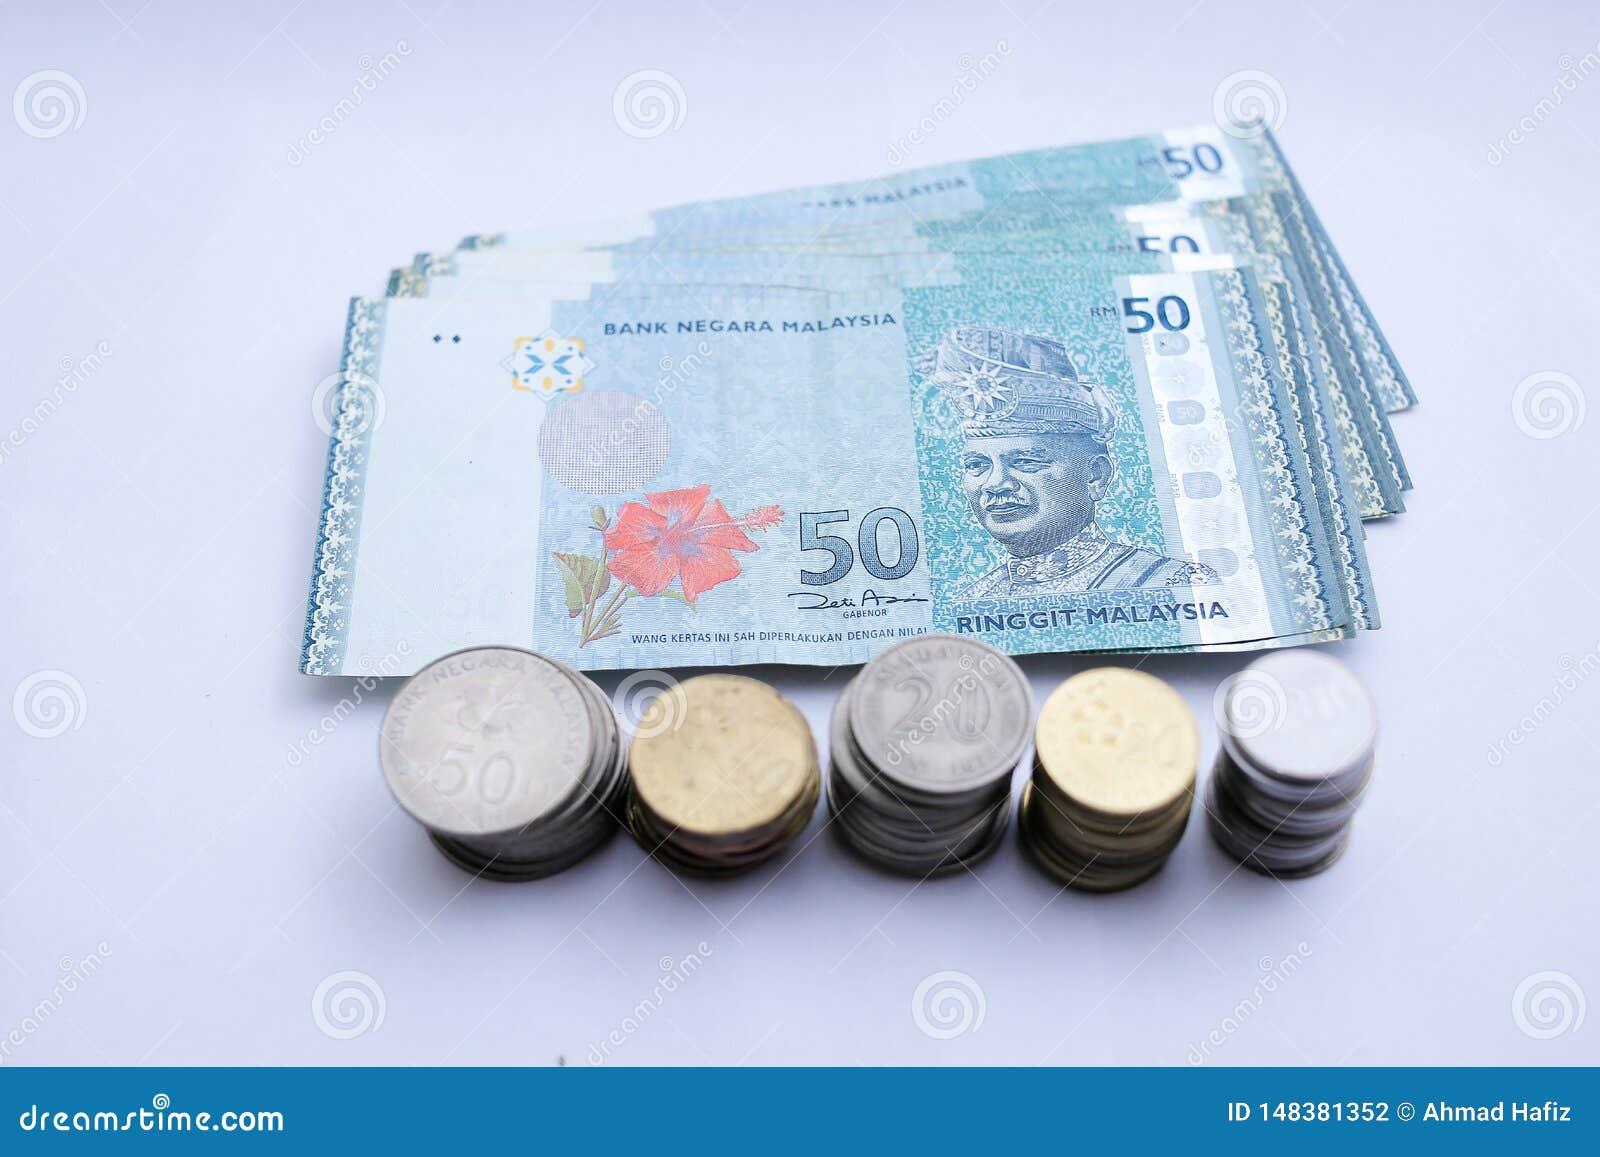 在白色背景和马来西亚硬币隔绝的50林吉特马来西亚金钱纸币